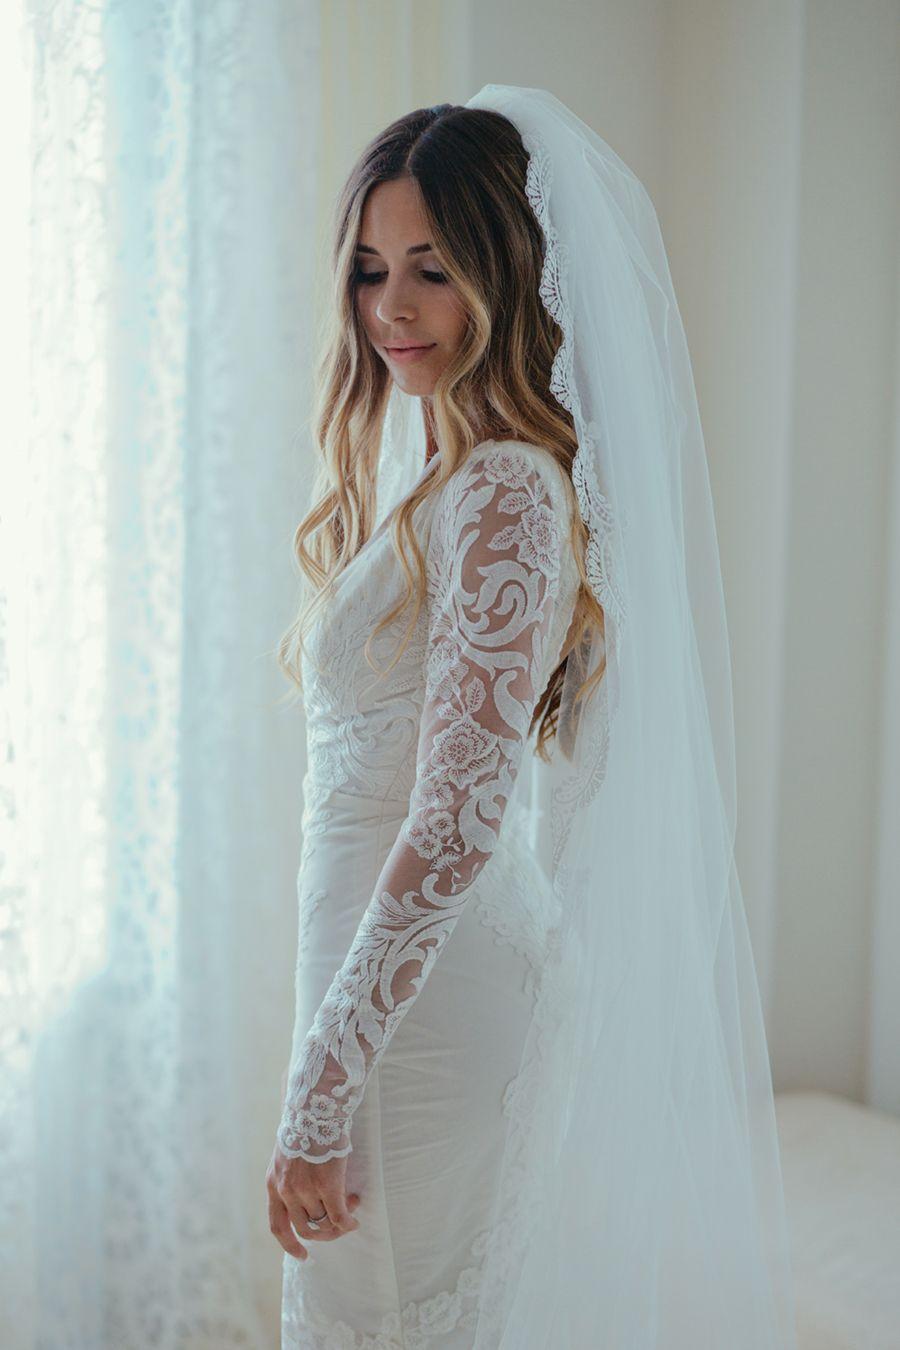 Fine Vestido Novia Griego Image Collection - All Wedding Dresses ...